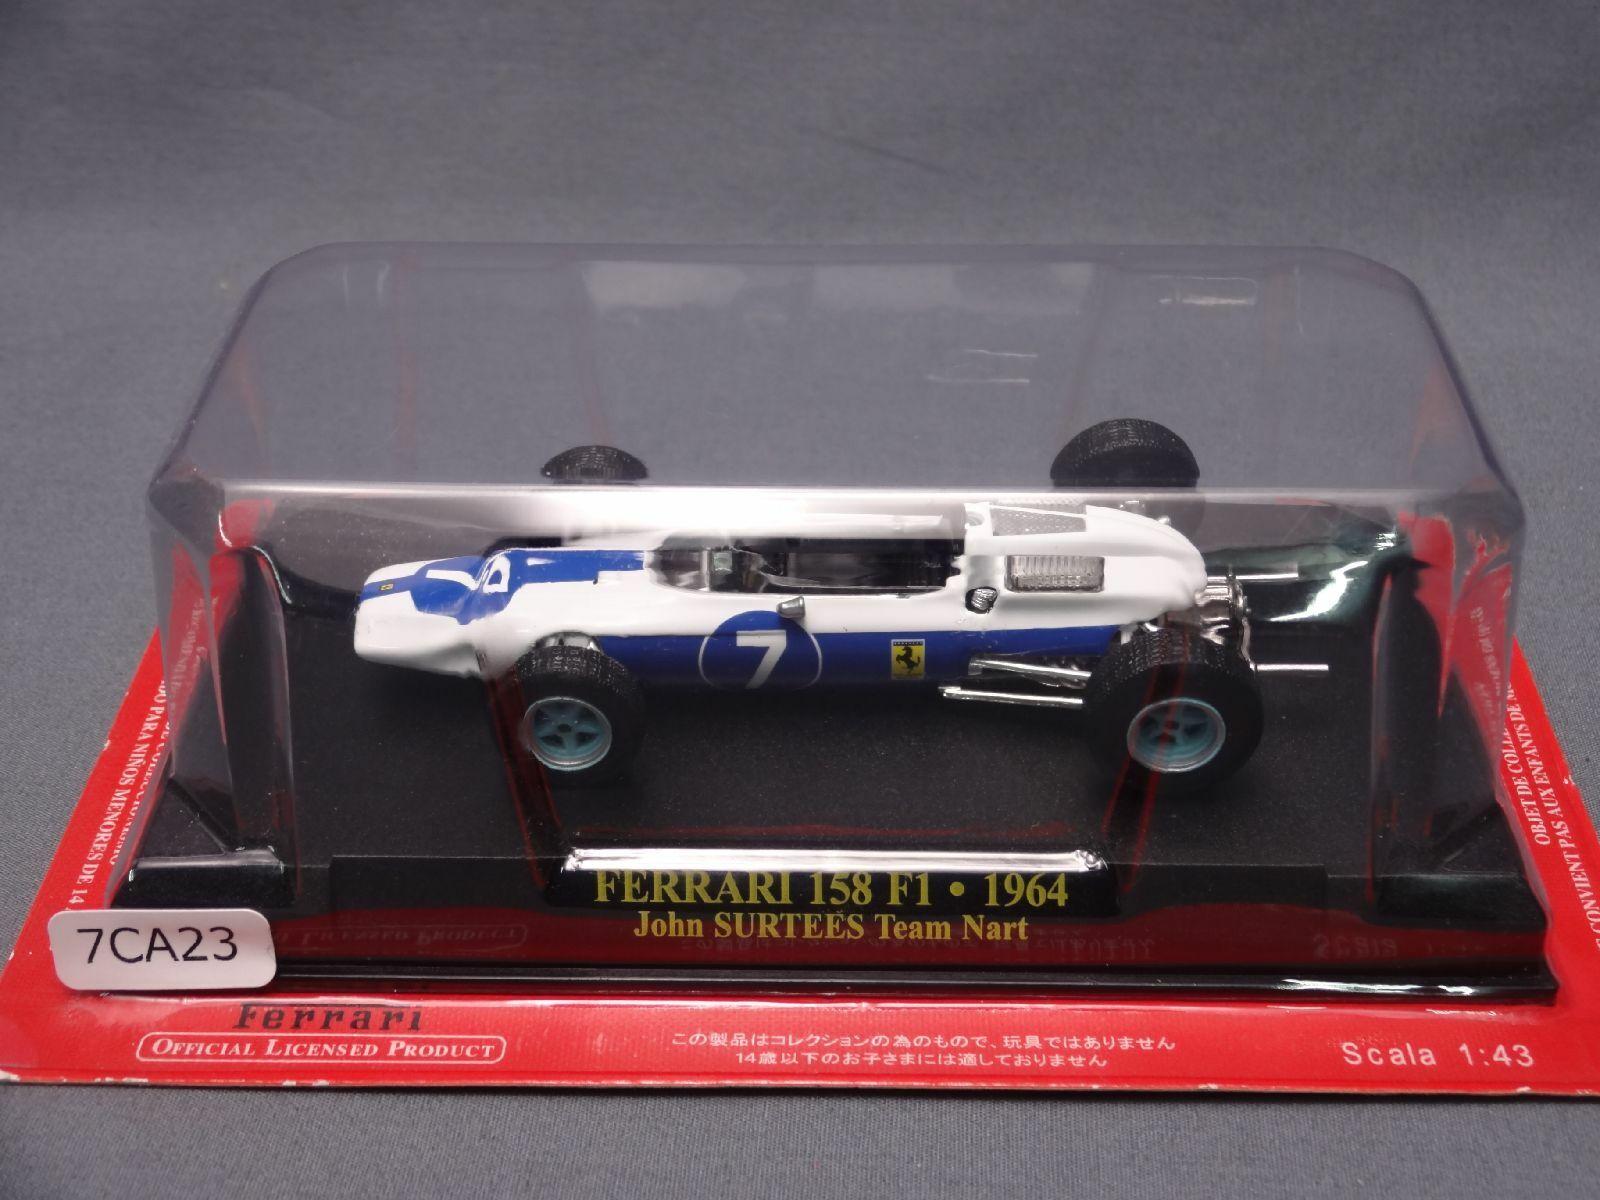 Scala 1//43 DELLA FORMULA UNO Auto FERRARI 158 F1-1964-JOHN SURTEES Team Nart F1